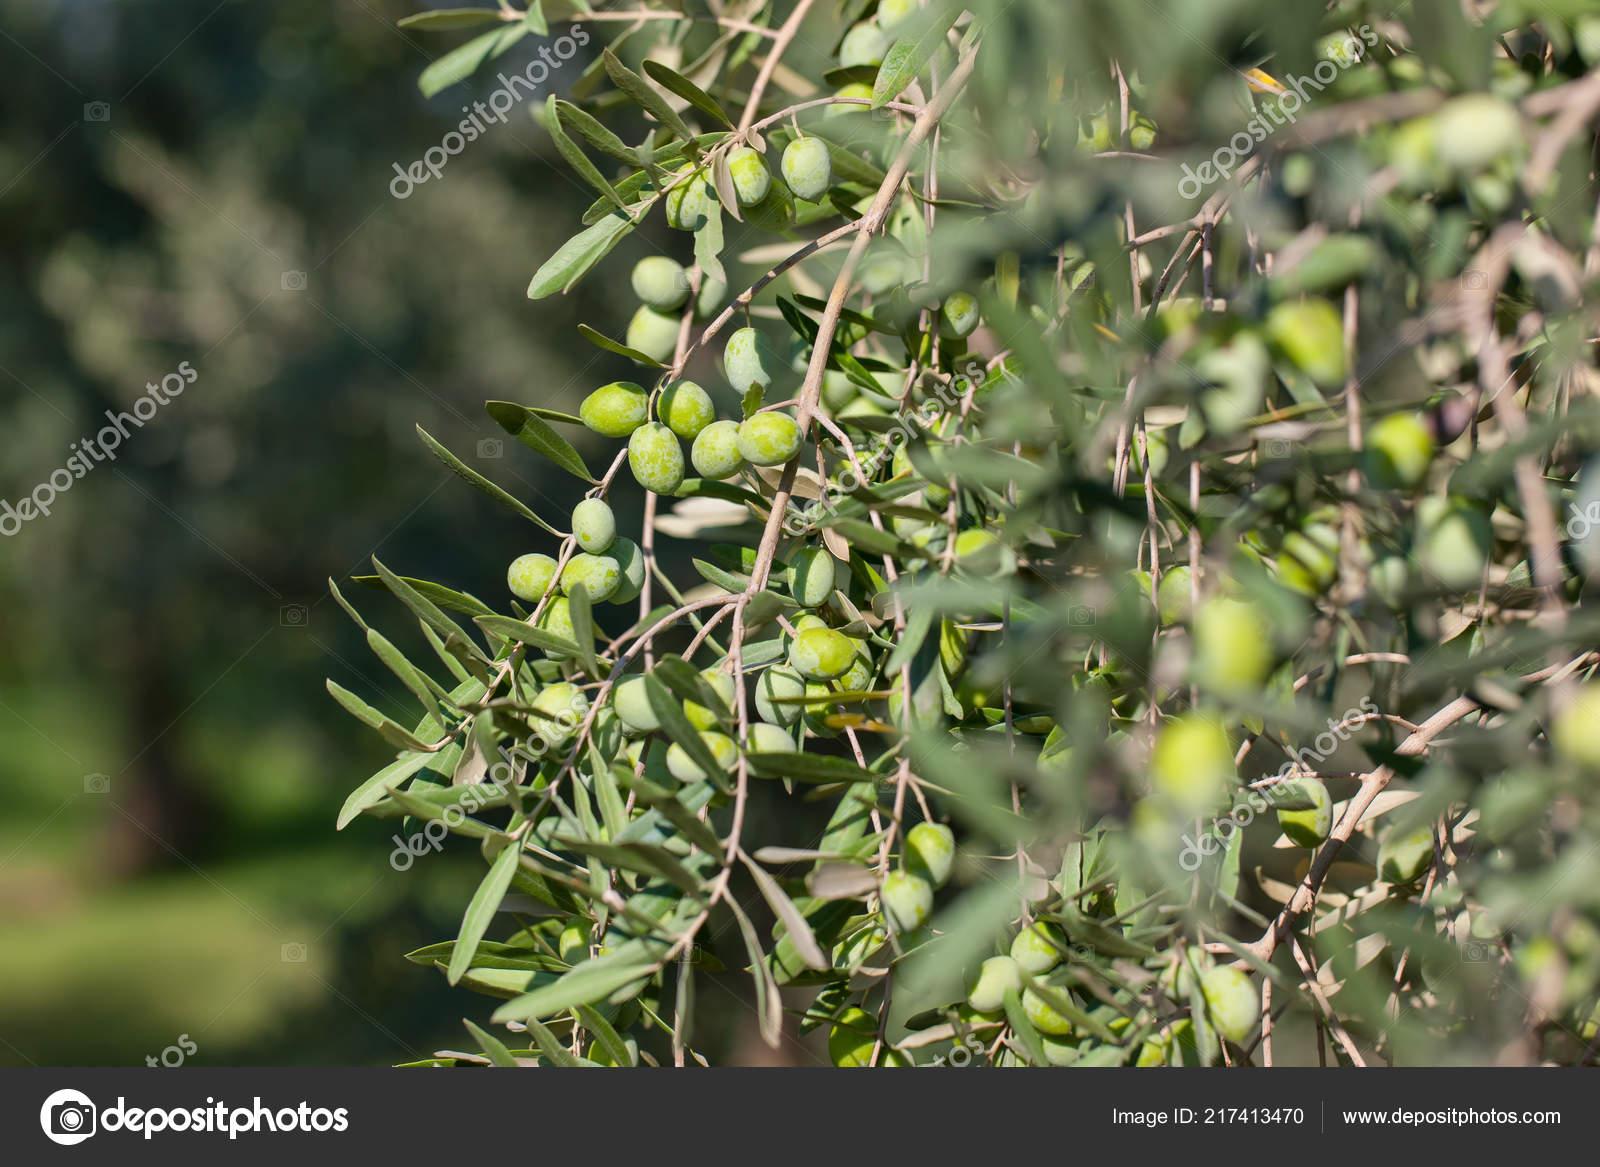 Atemberaubend Oliven Olivenbaum Zweig Grüne Oliven Früchte Mit Selektiven Fokus &KD_22